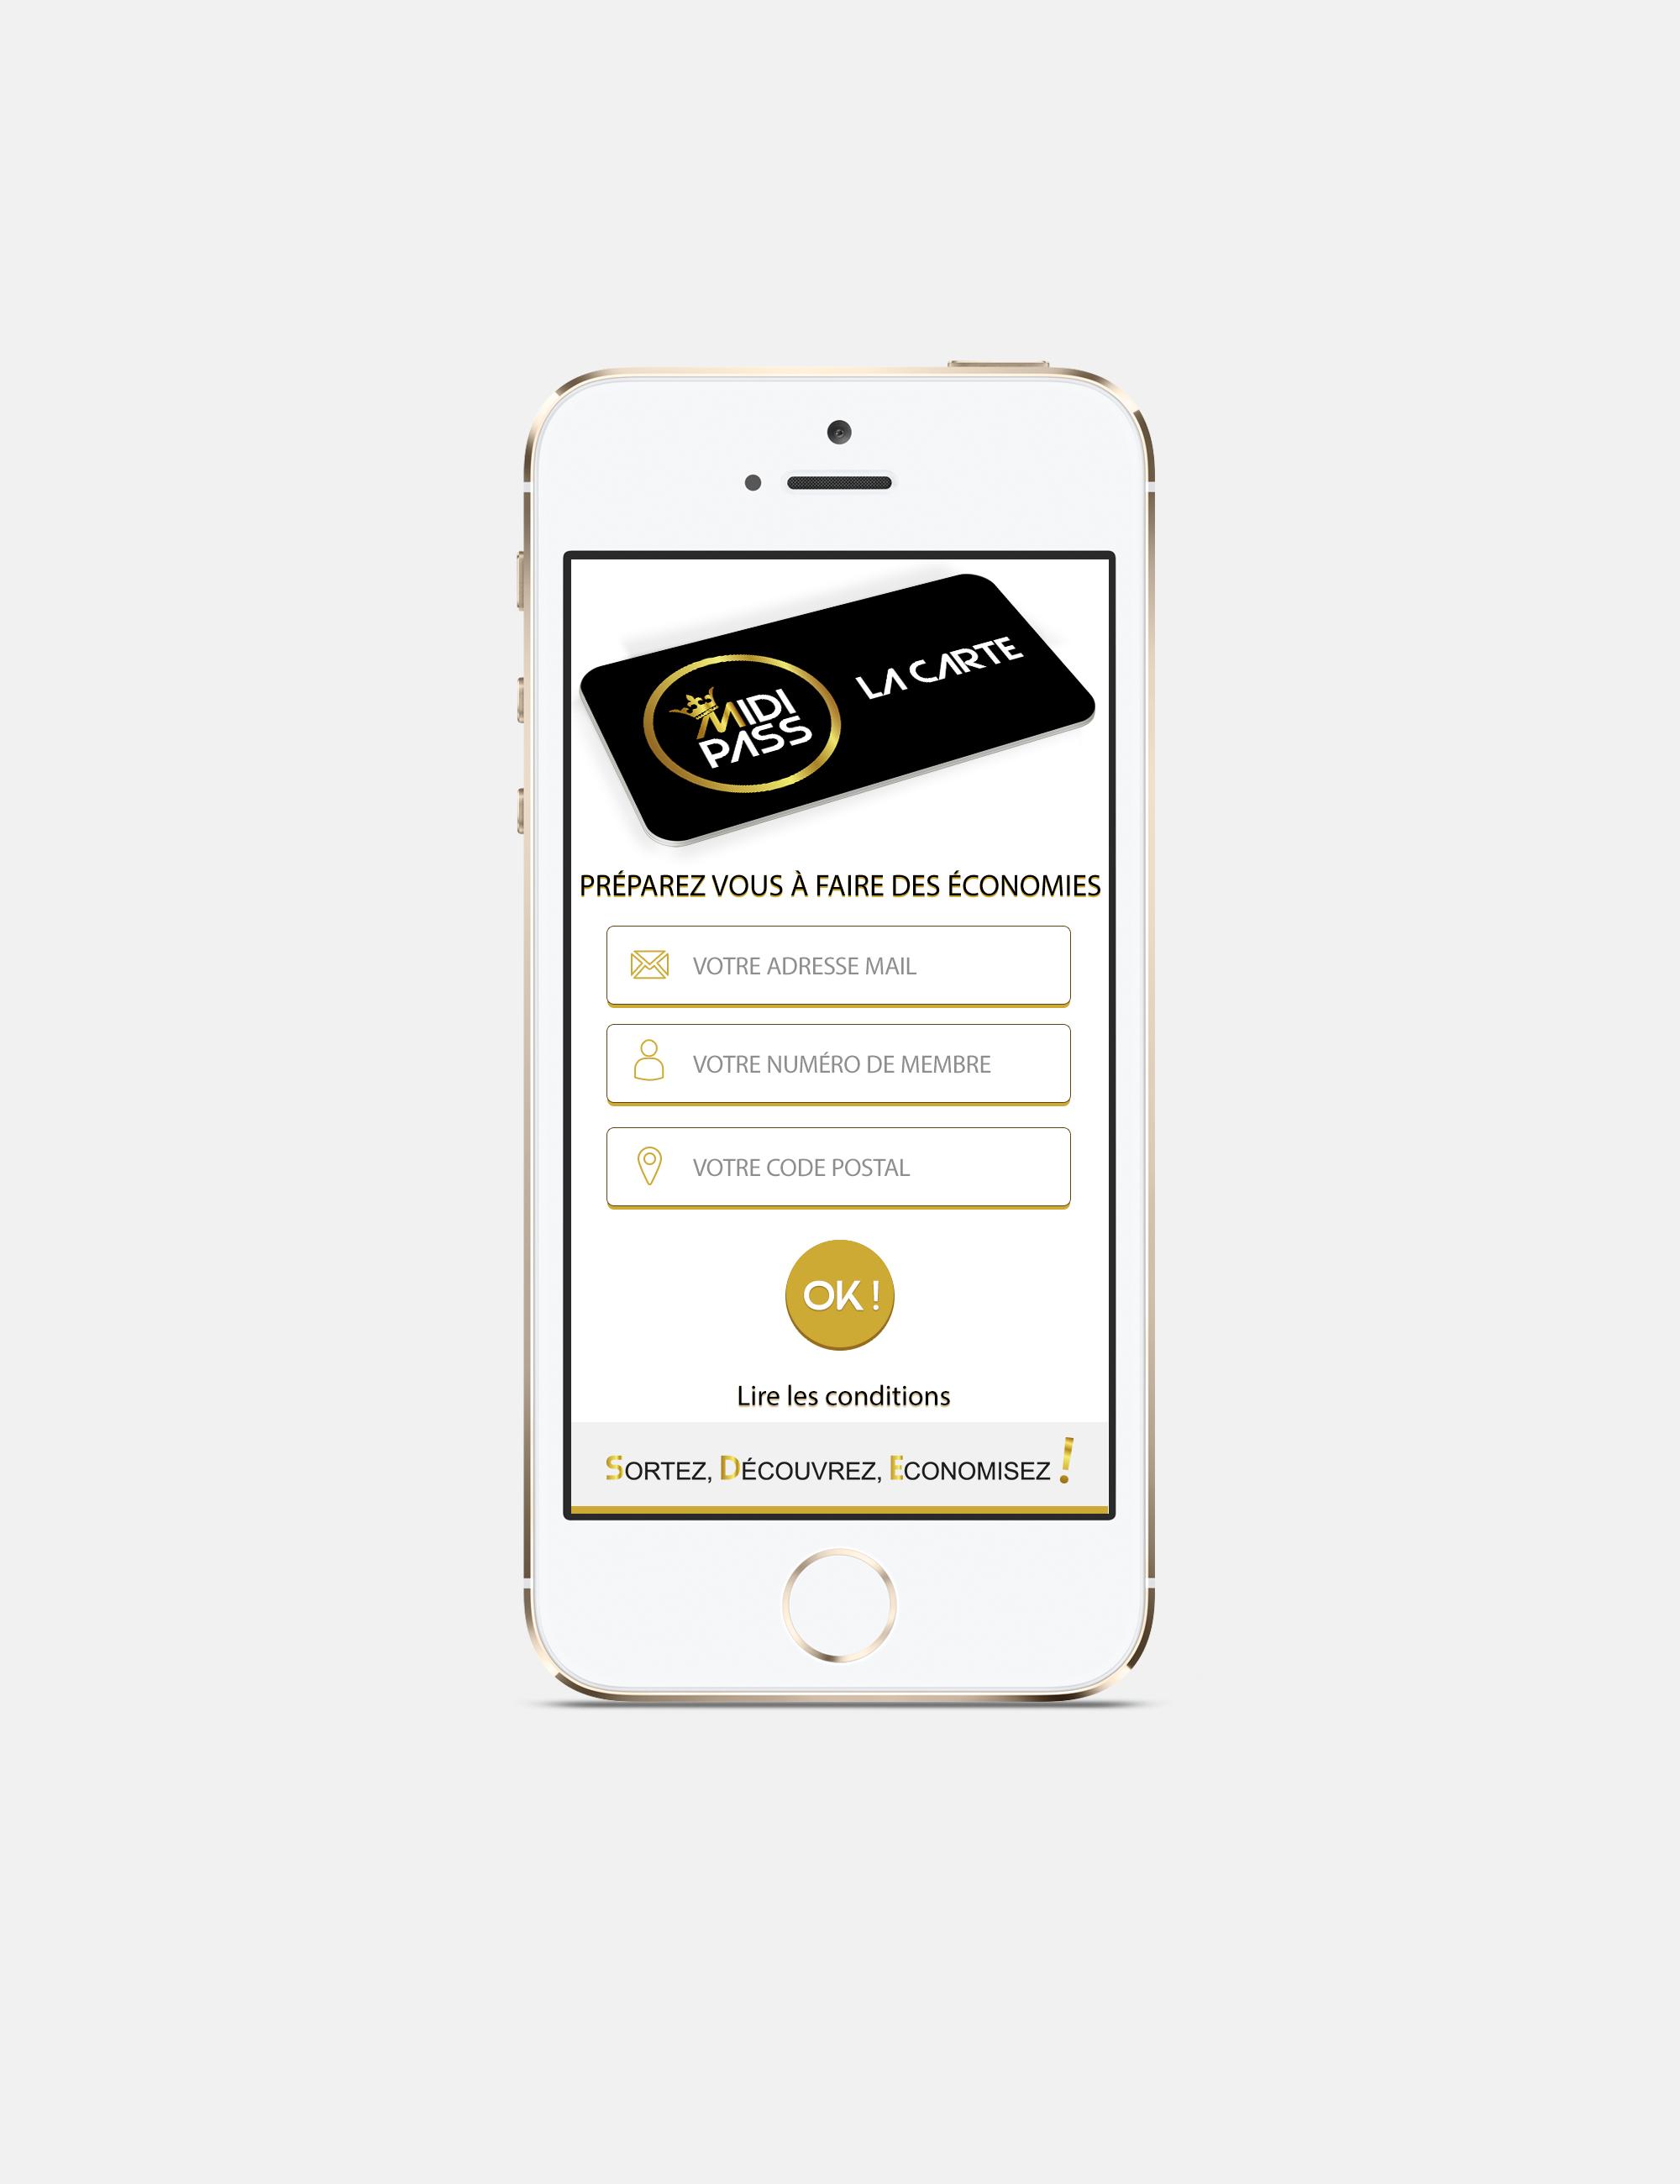 Webdesigner Mobile Montpellier